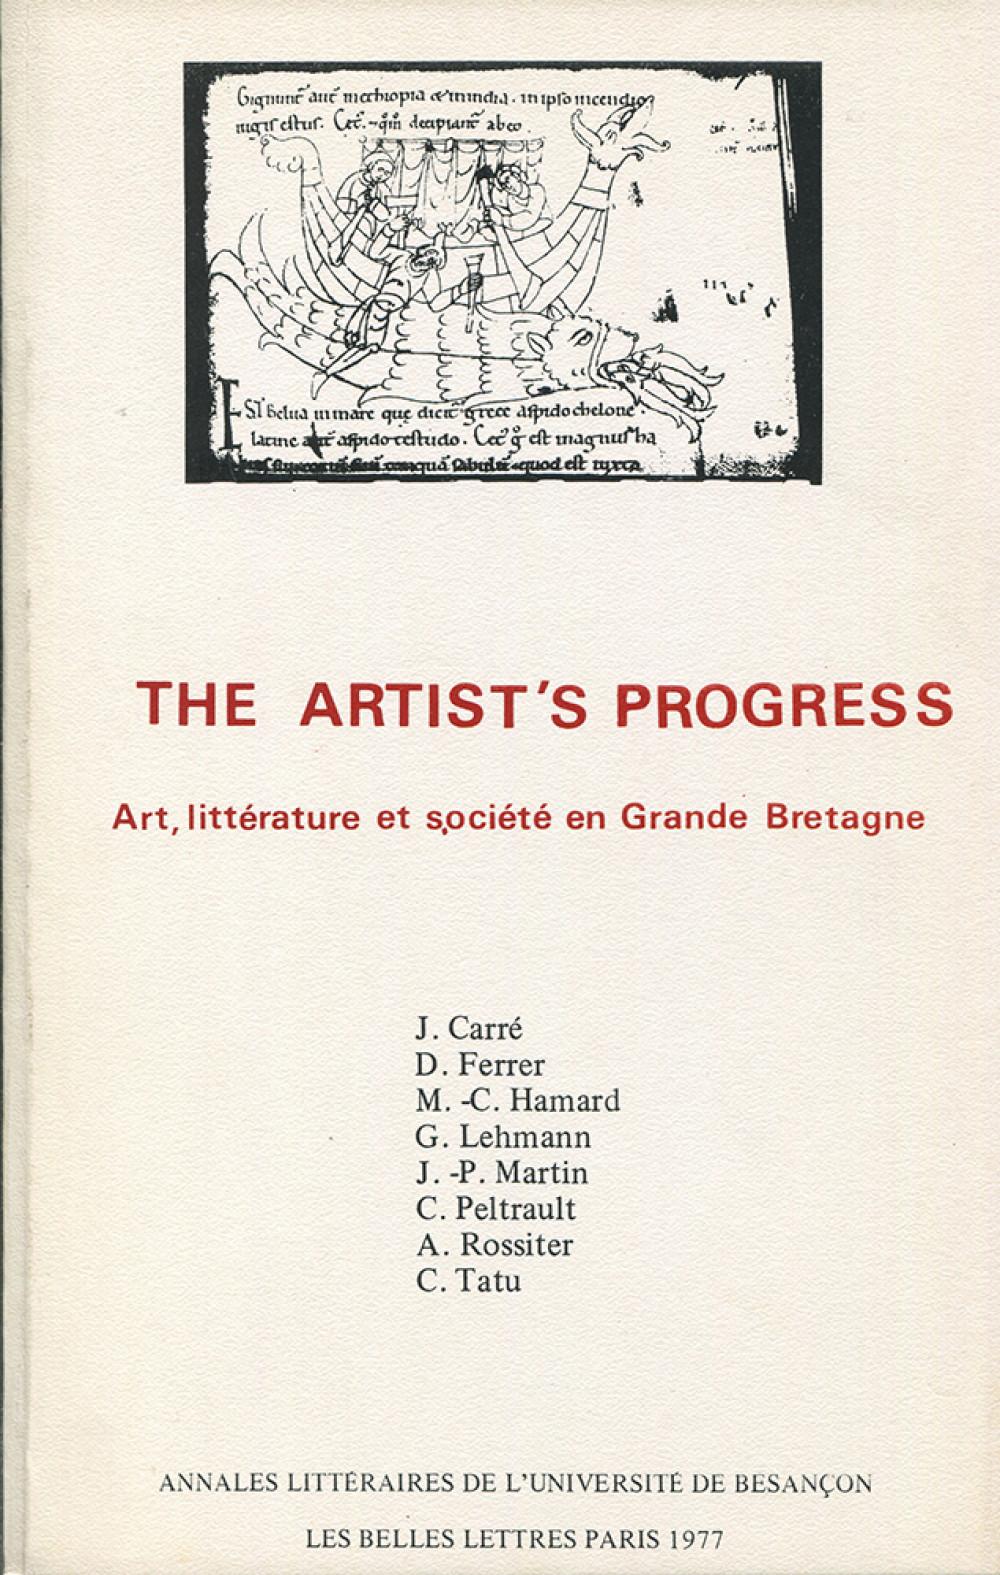 Art, littérature et société en Grande-Bretagne